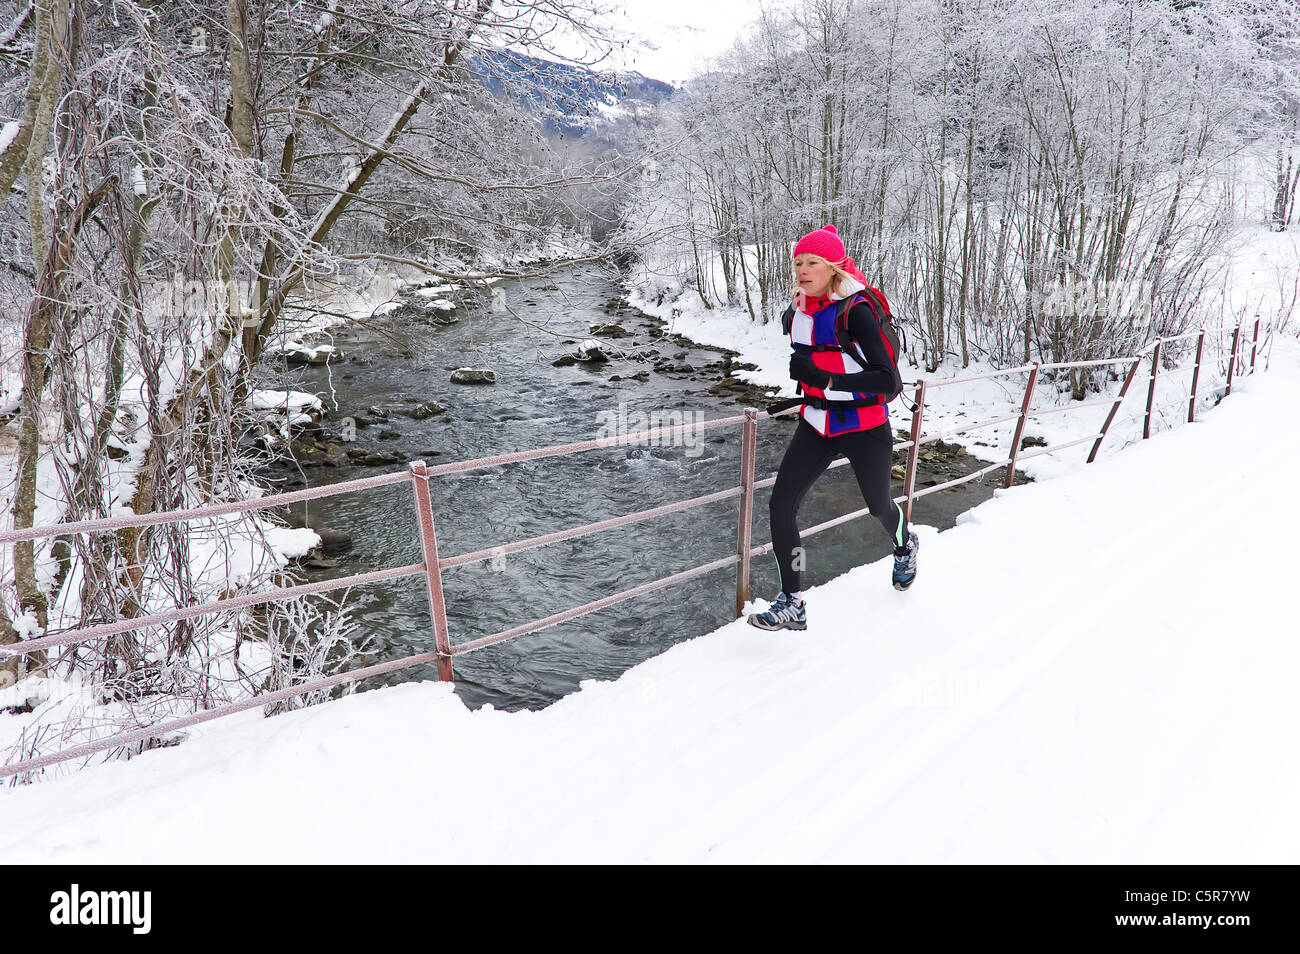 Eine Frau auf einer Brücke über einen schneereichen Winter Fluss joggen. Stockbild